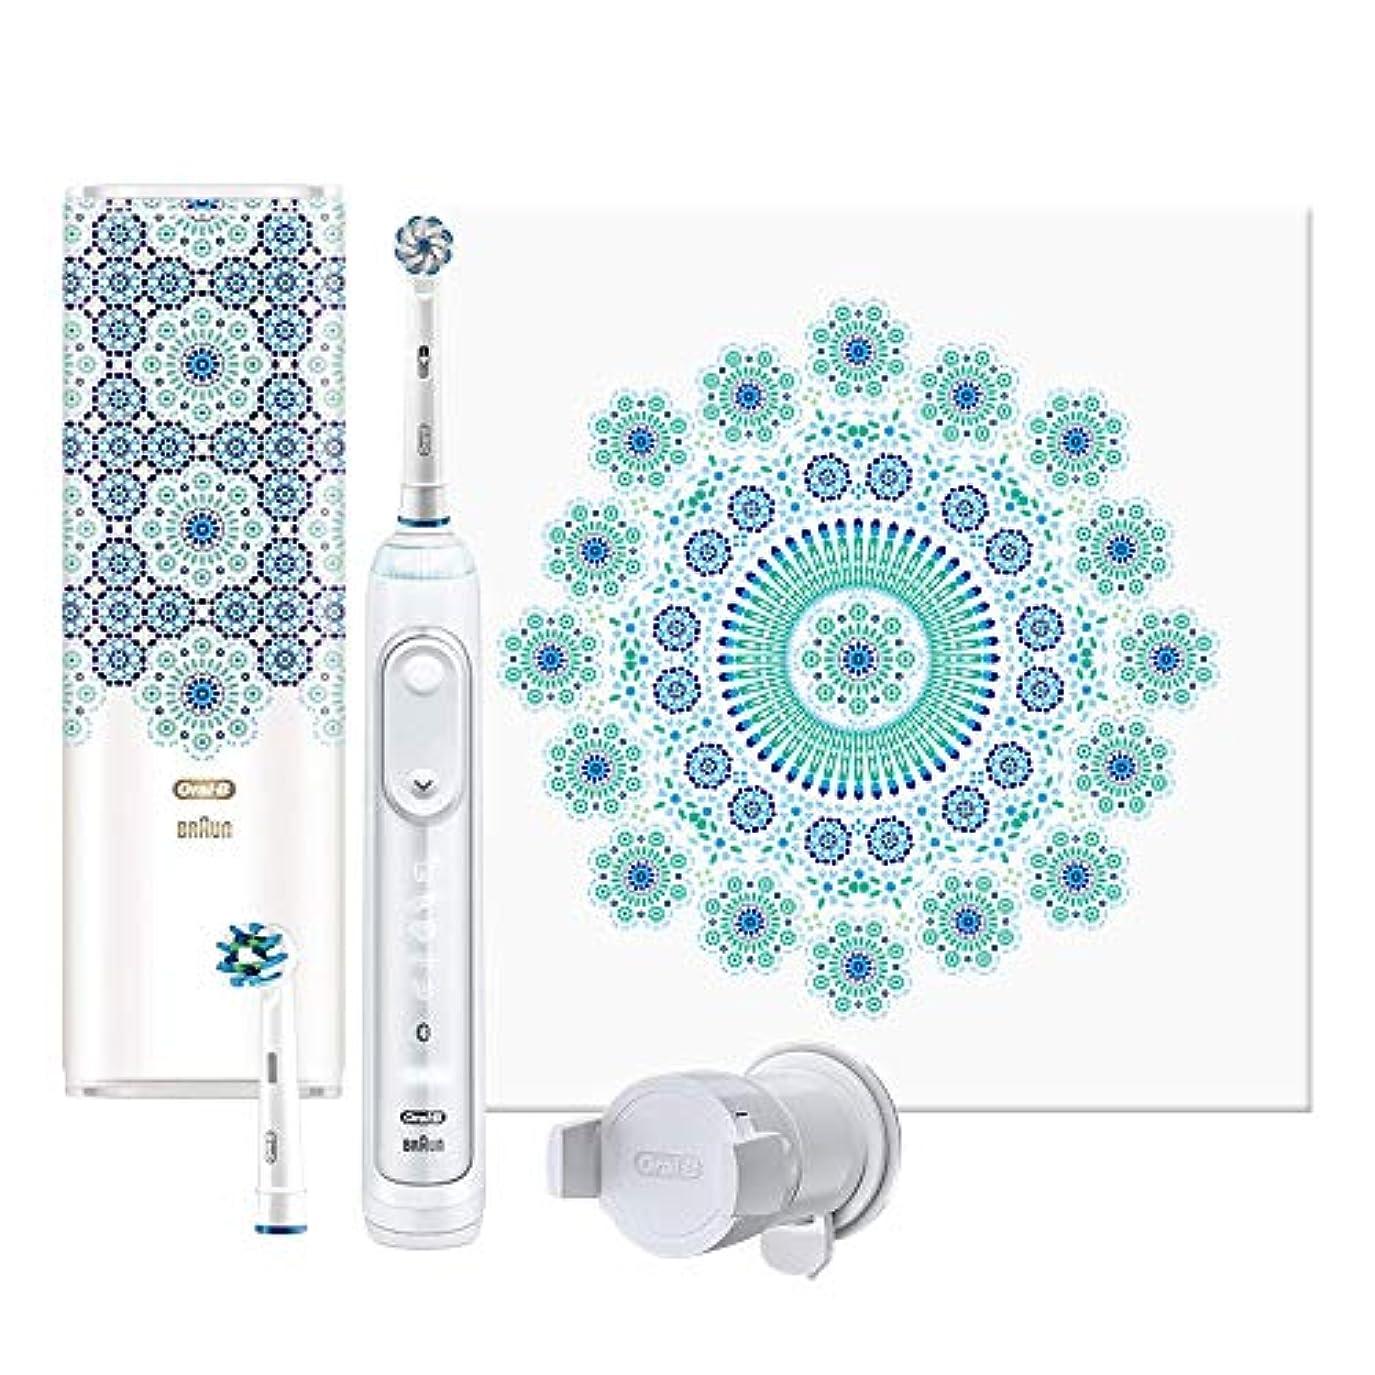 驚き製作観光ブラウン オーラルB 電動歯ブラシ ジーニアス9000 モロッコデザイン D7015256XCTMC